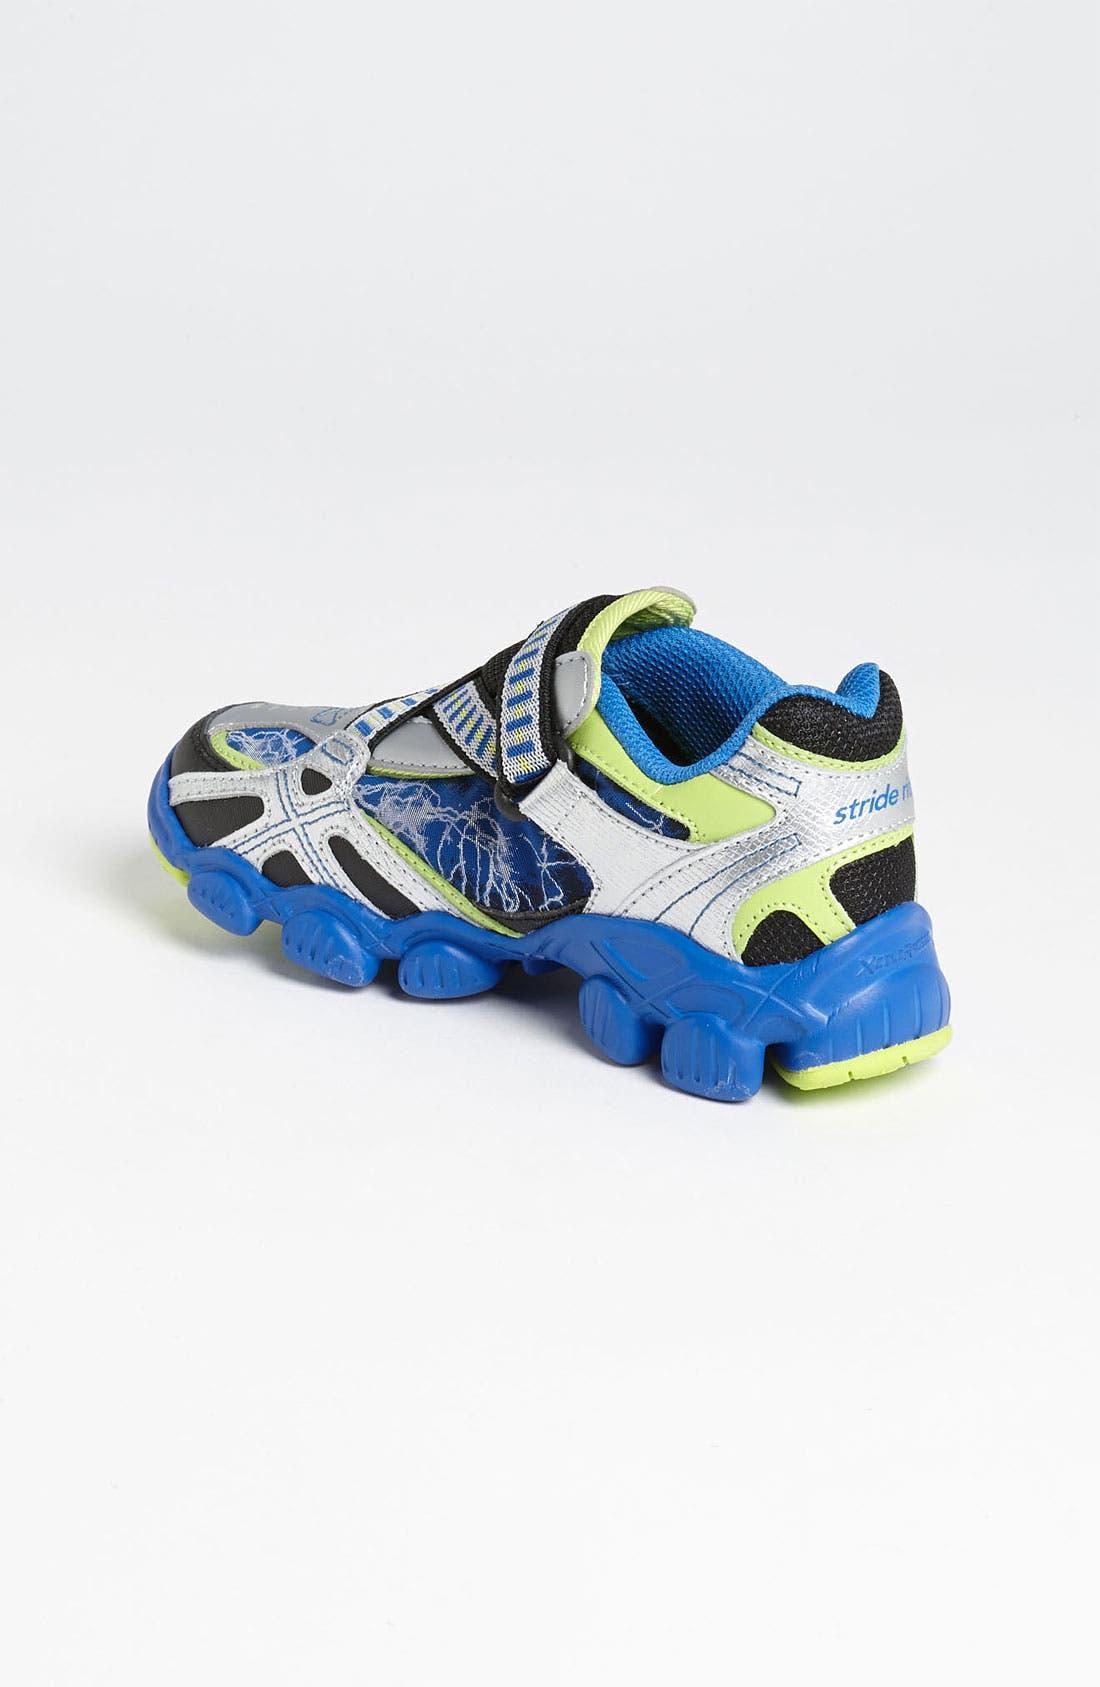 Alternate Image 2  - Stride Rite 'X-celeracer' Sneaker (Toddler & Little Kid)